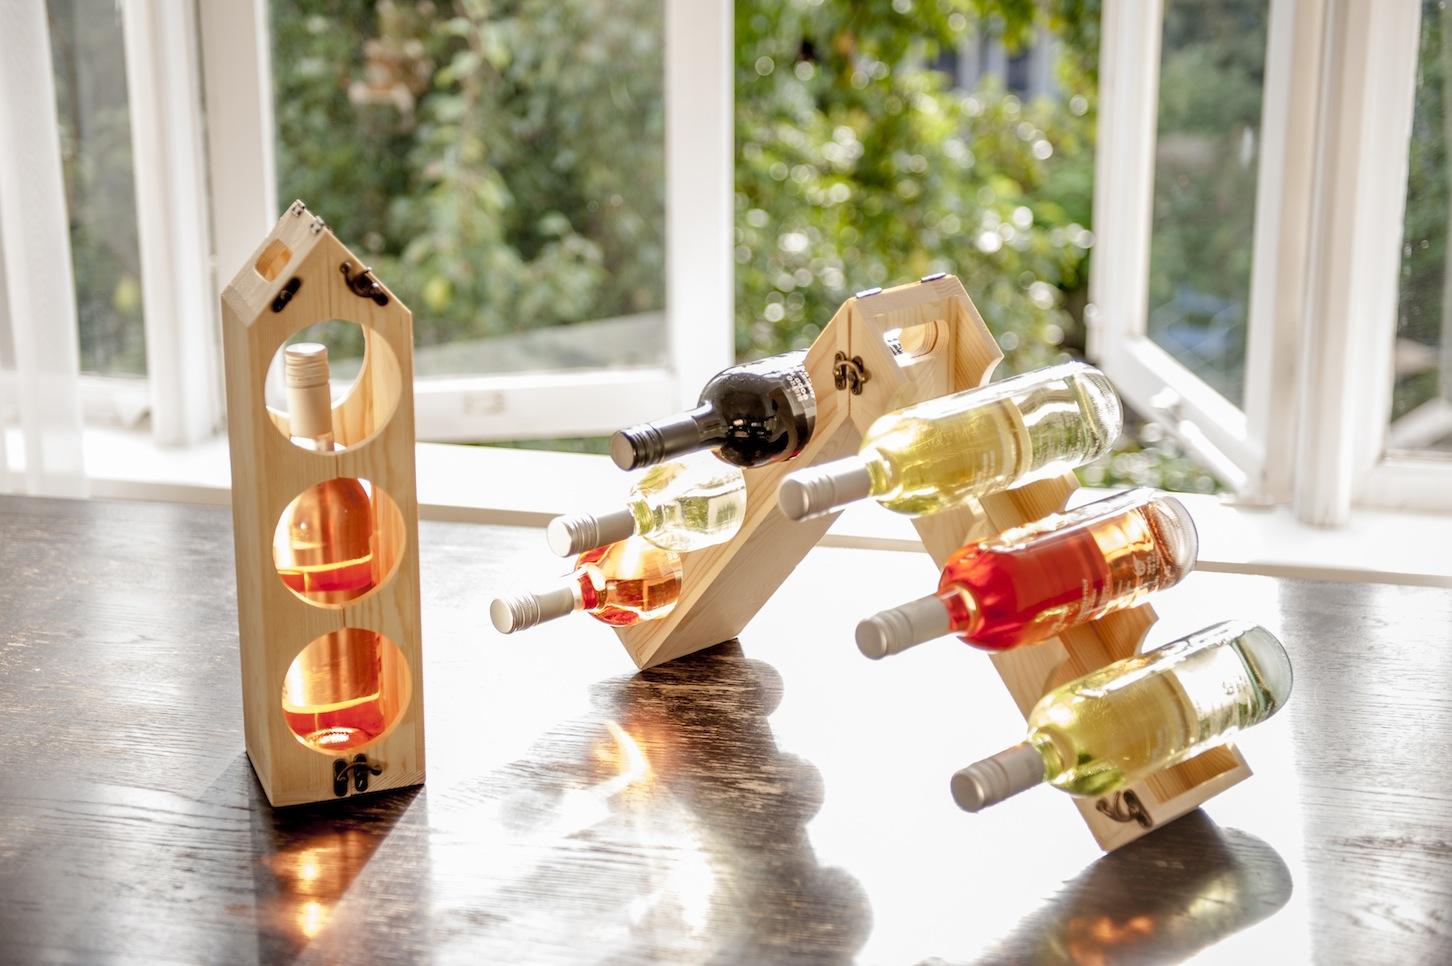 Flaschenbox, Flaschenverpackung, Flaschenverpackungen, Flaschengeschenke